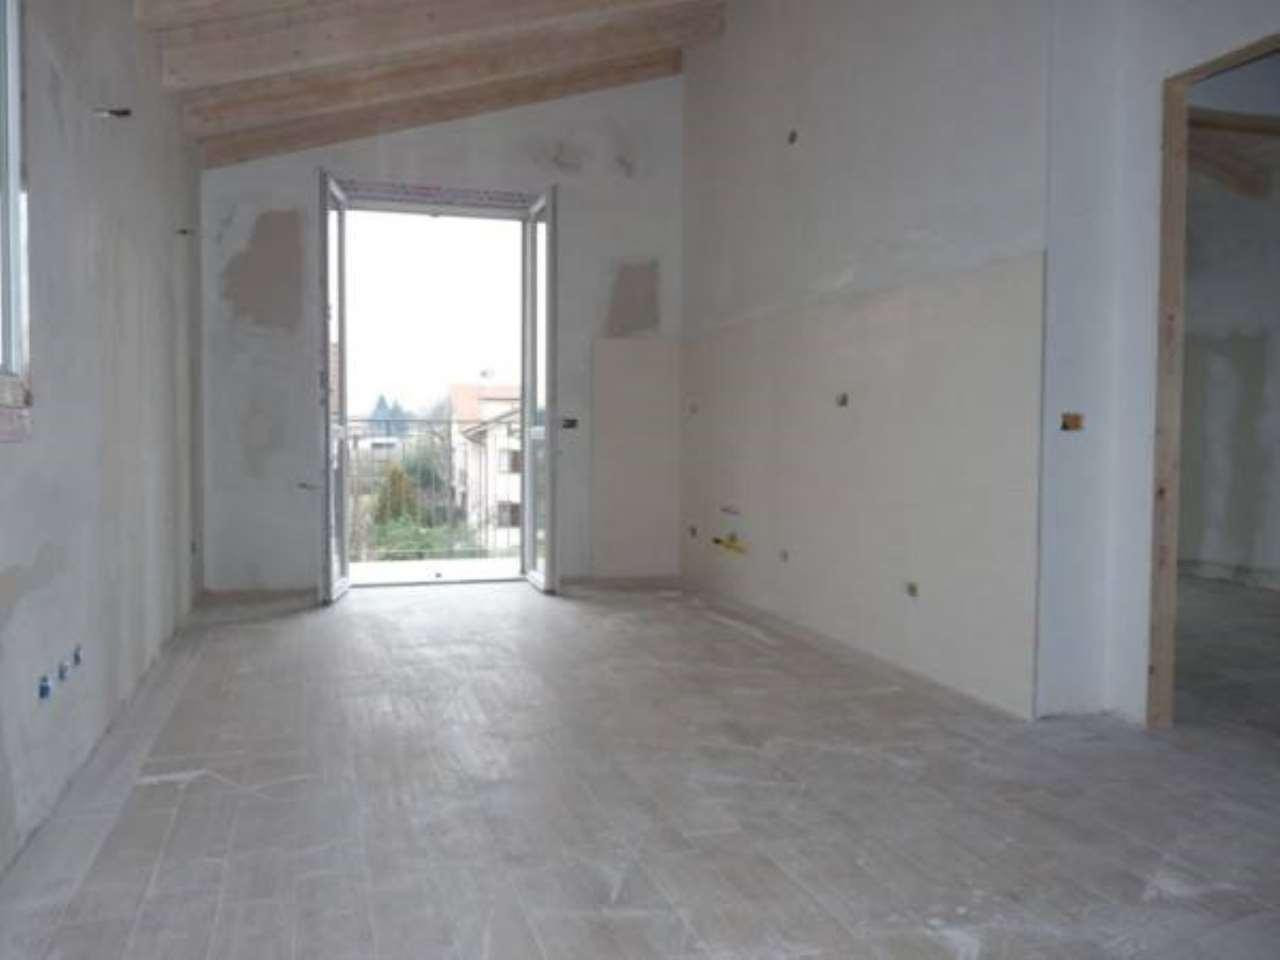 Appartamento in vendita a Trezzano Rosa, 2 locali, prezzo € 88.000 | PortaleAgenzieImmobiliari.it